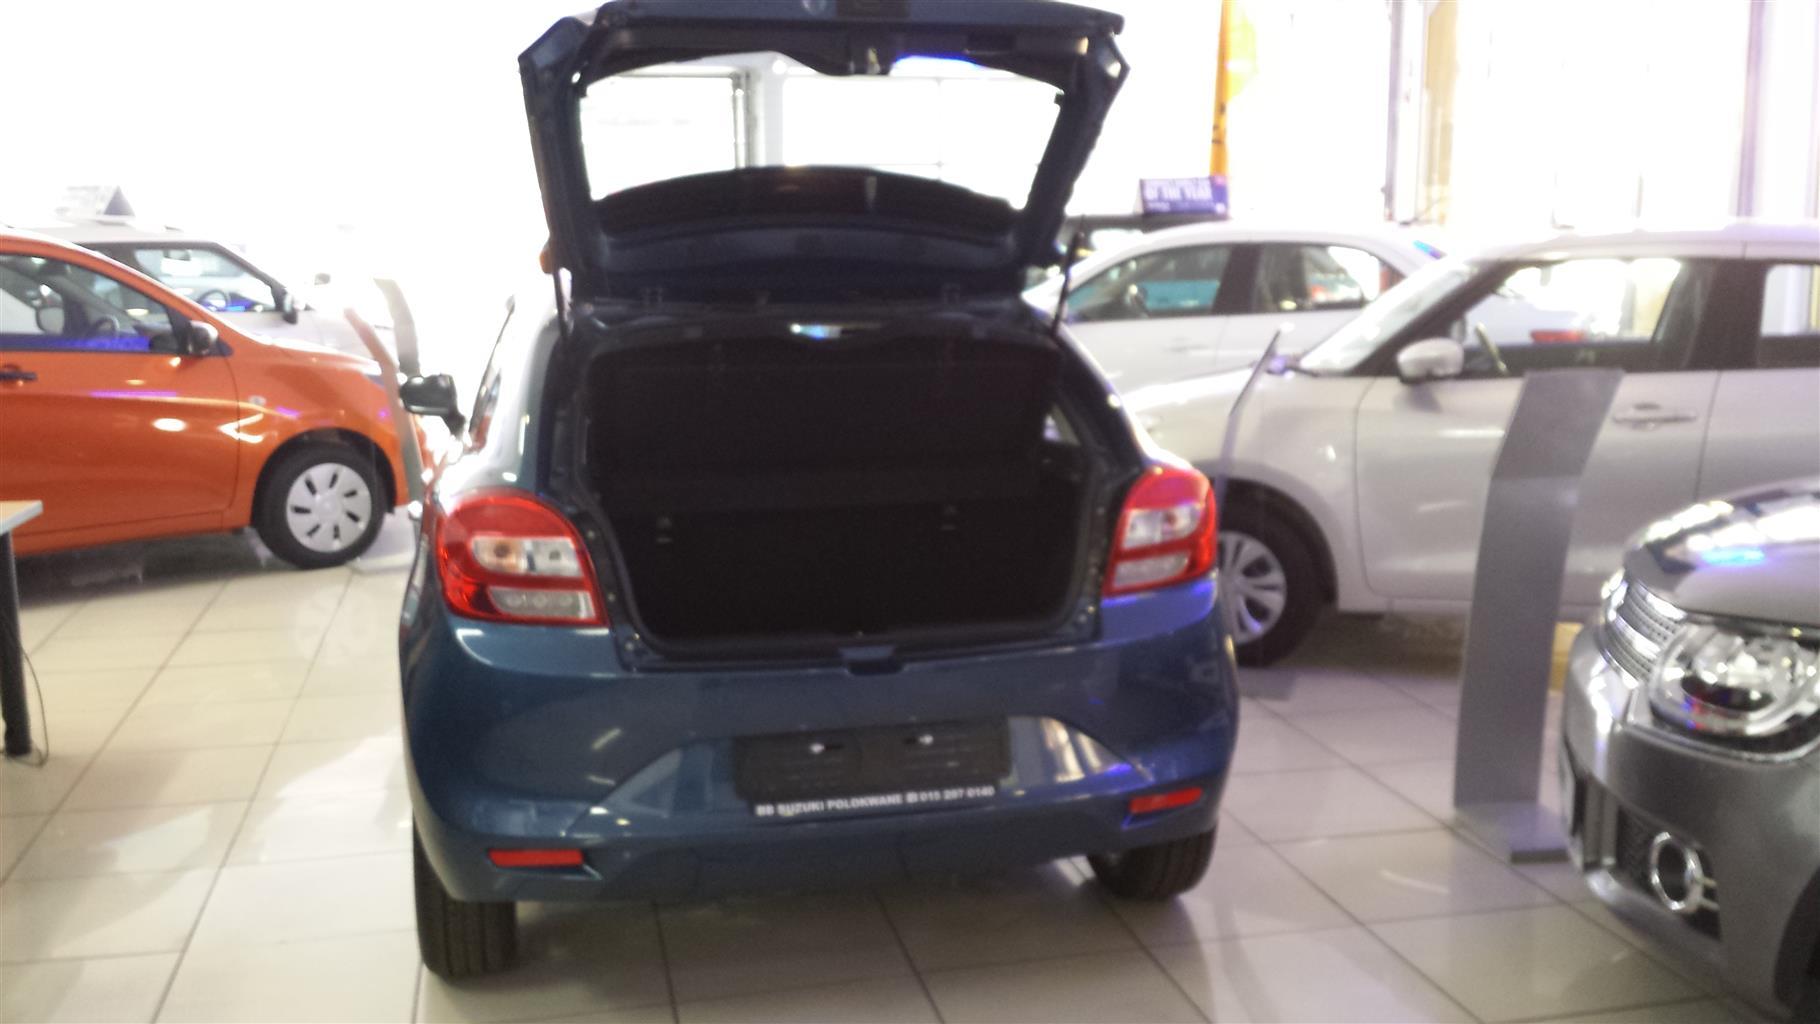 2018 Suzuki Baleno 1.4 GLX